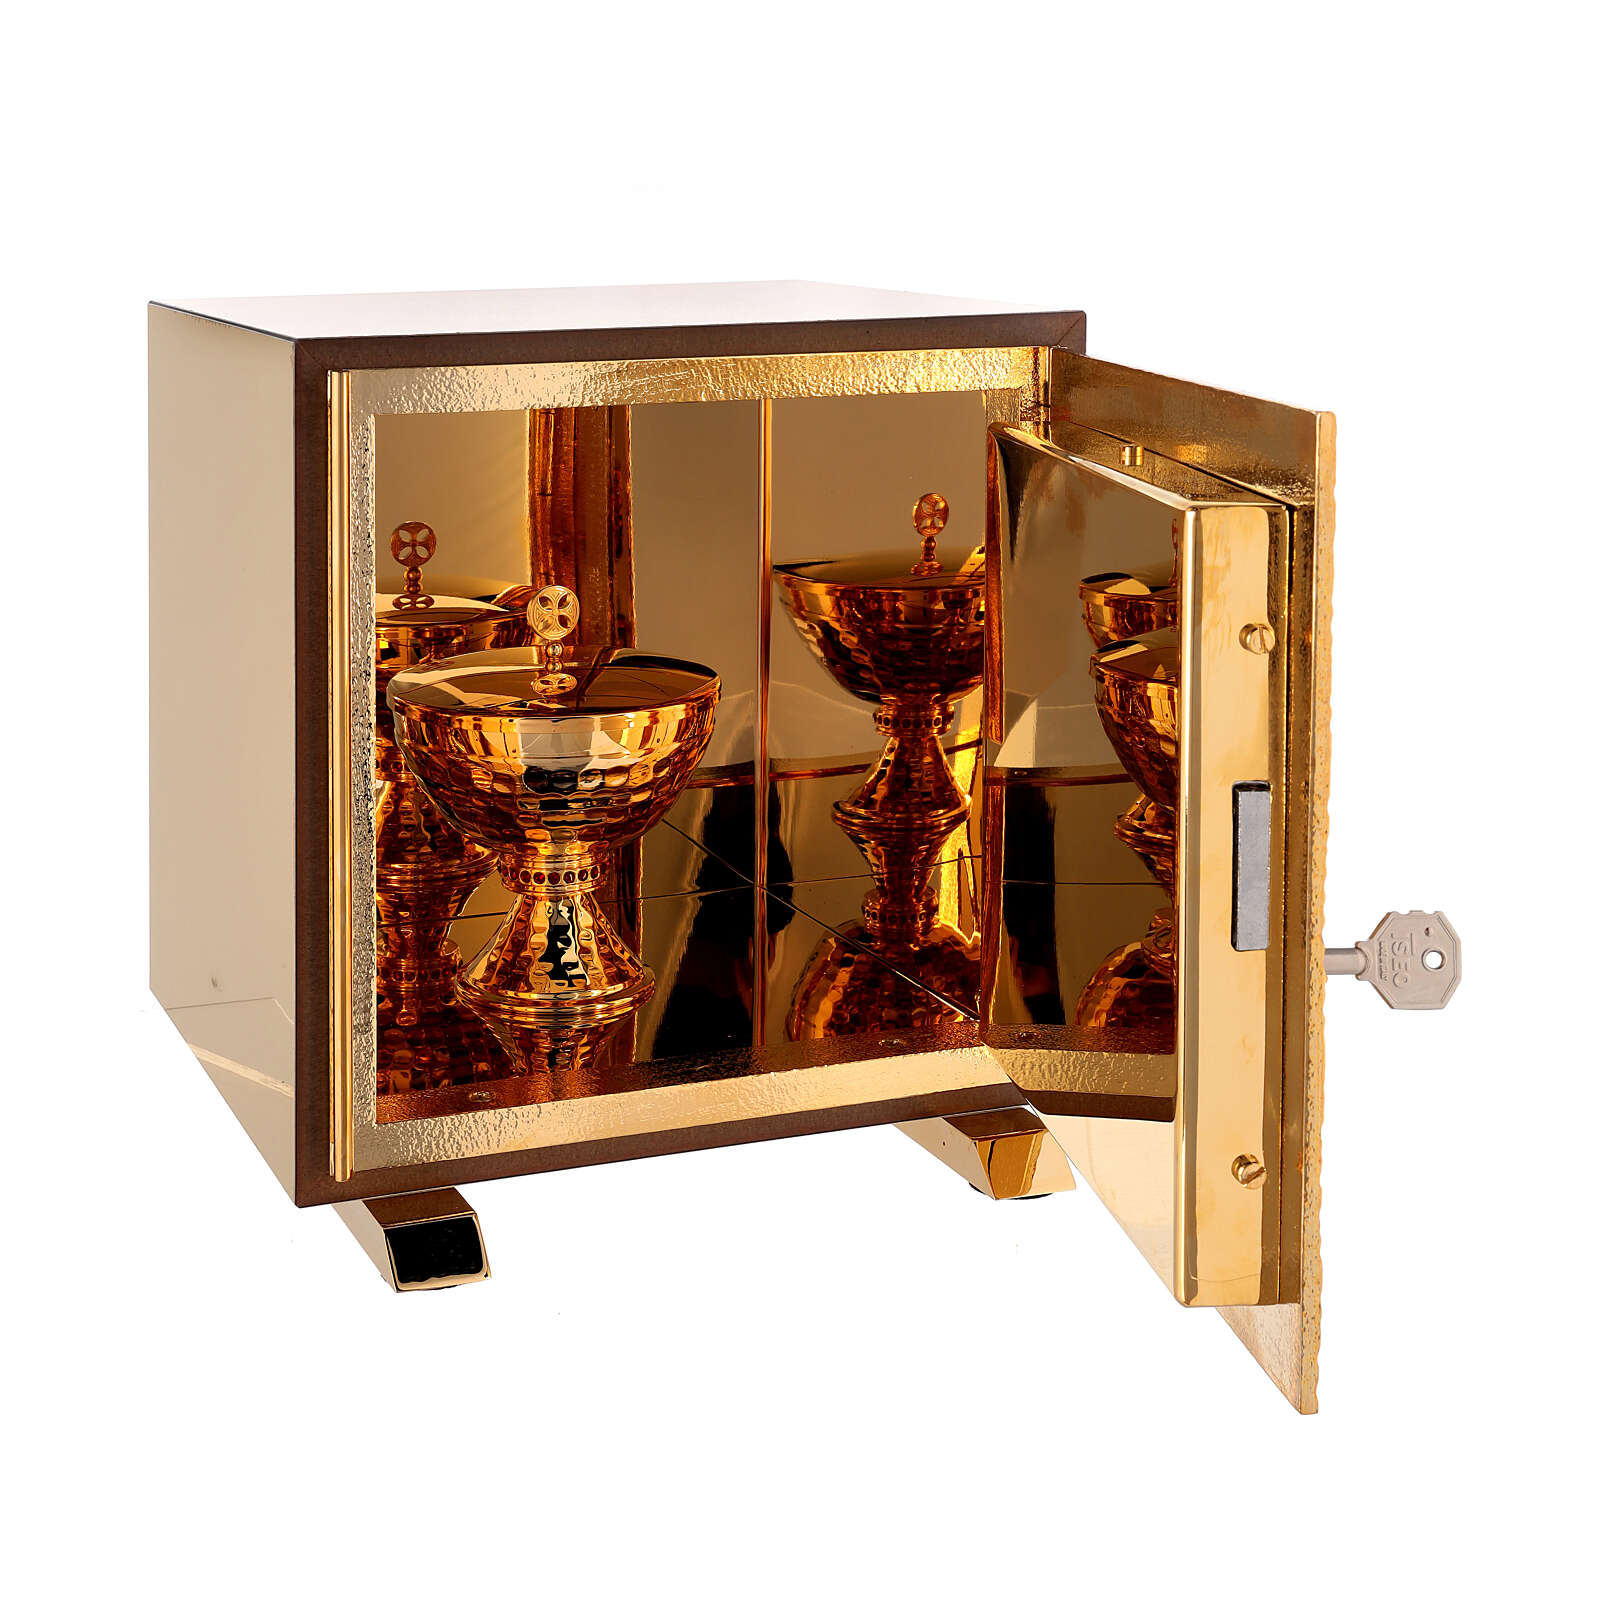 Tabernacle de table Sacré-Coeur coque dorée 4